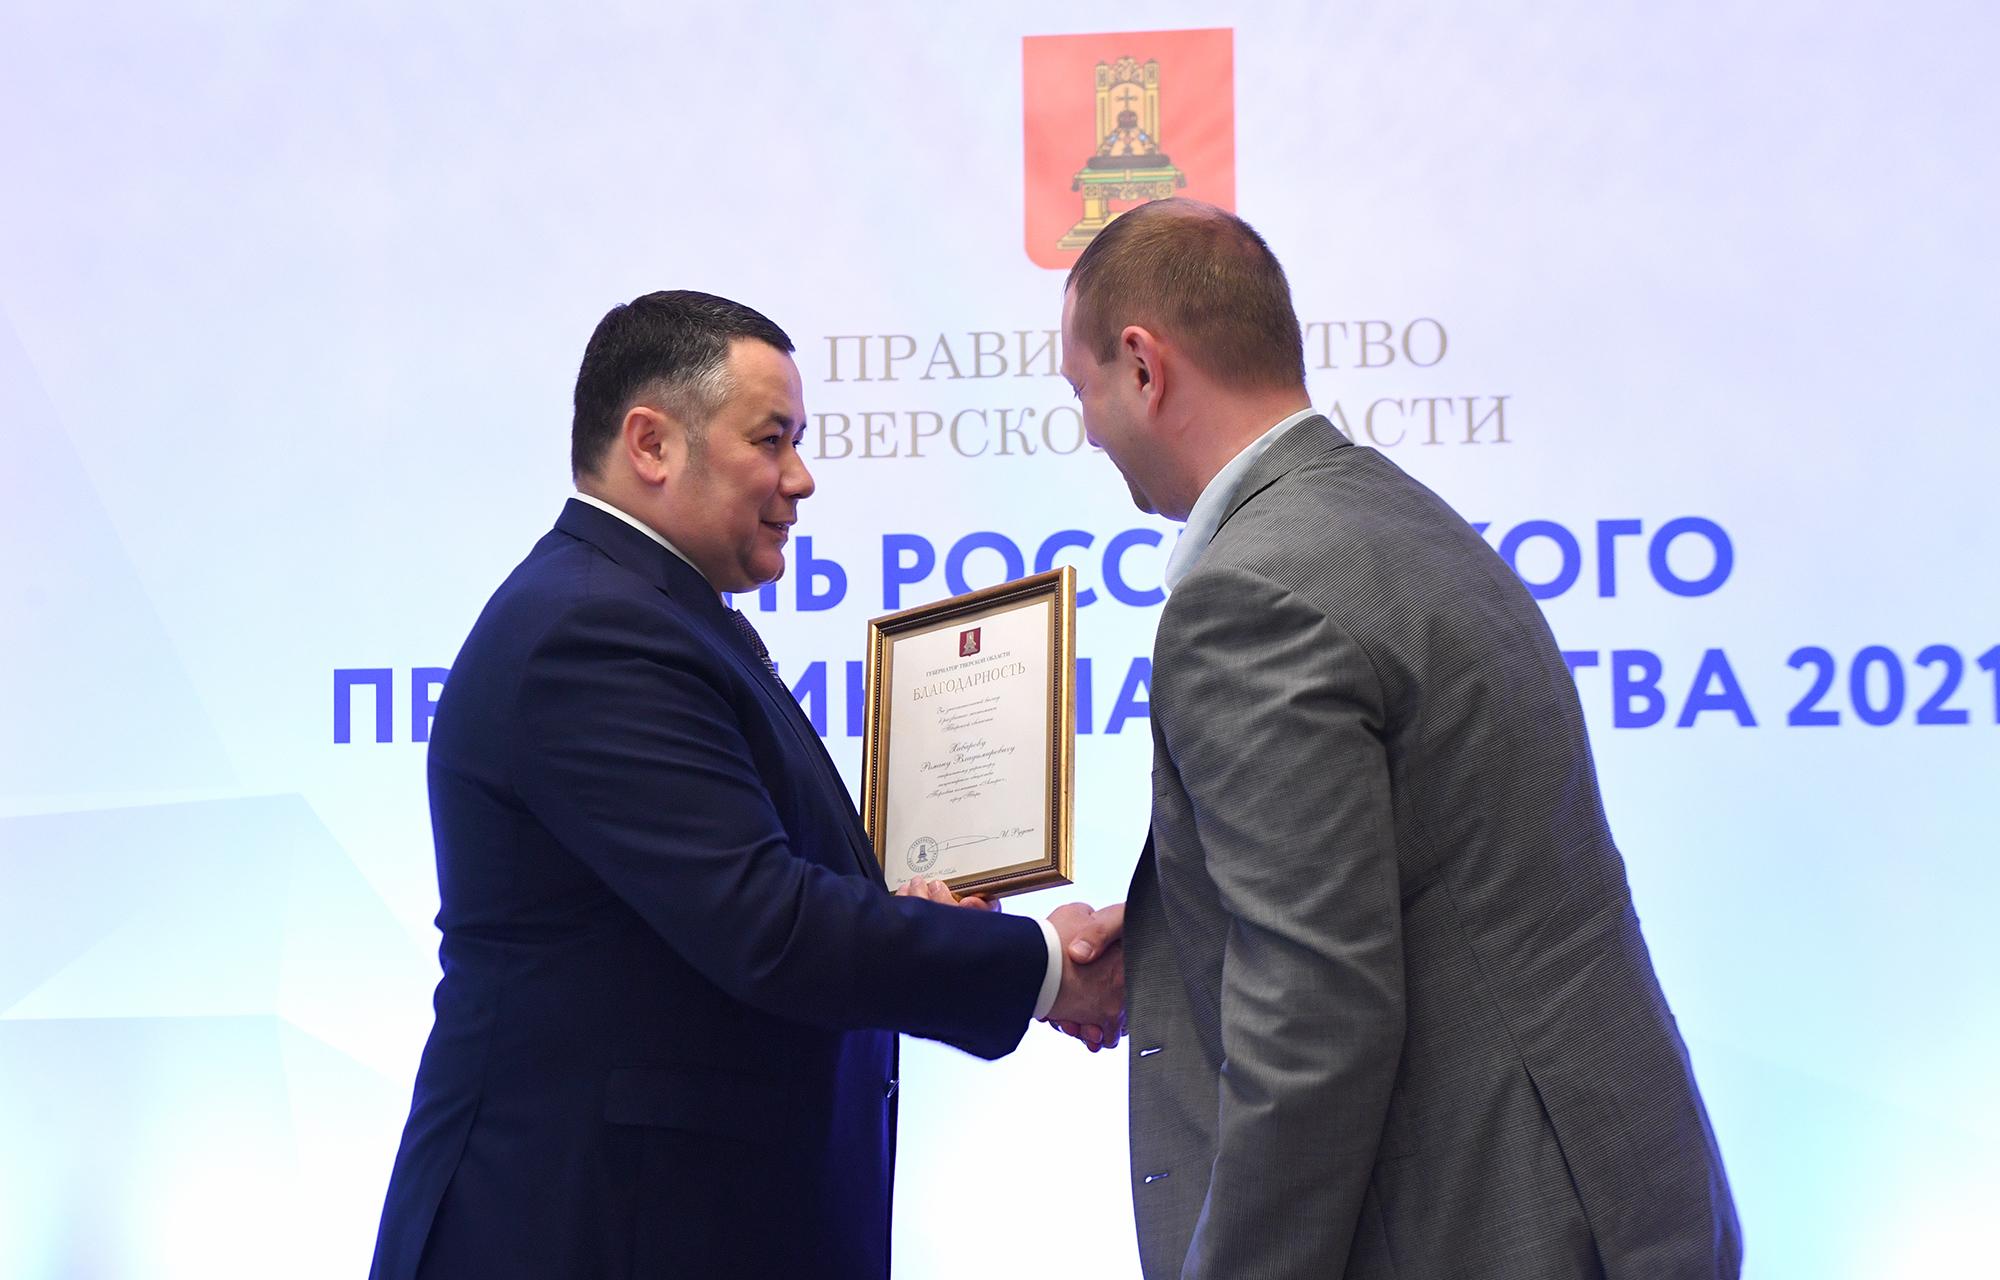 Губернатор поздравил предпринимателей Тверской области